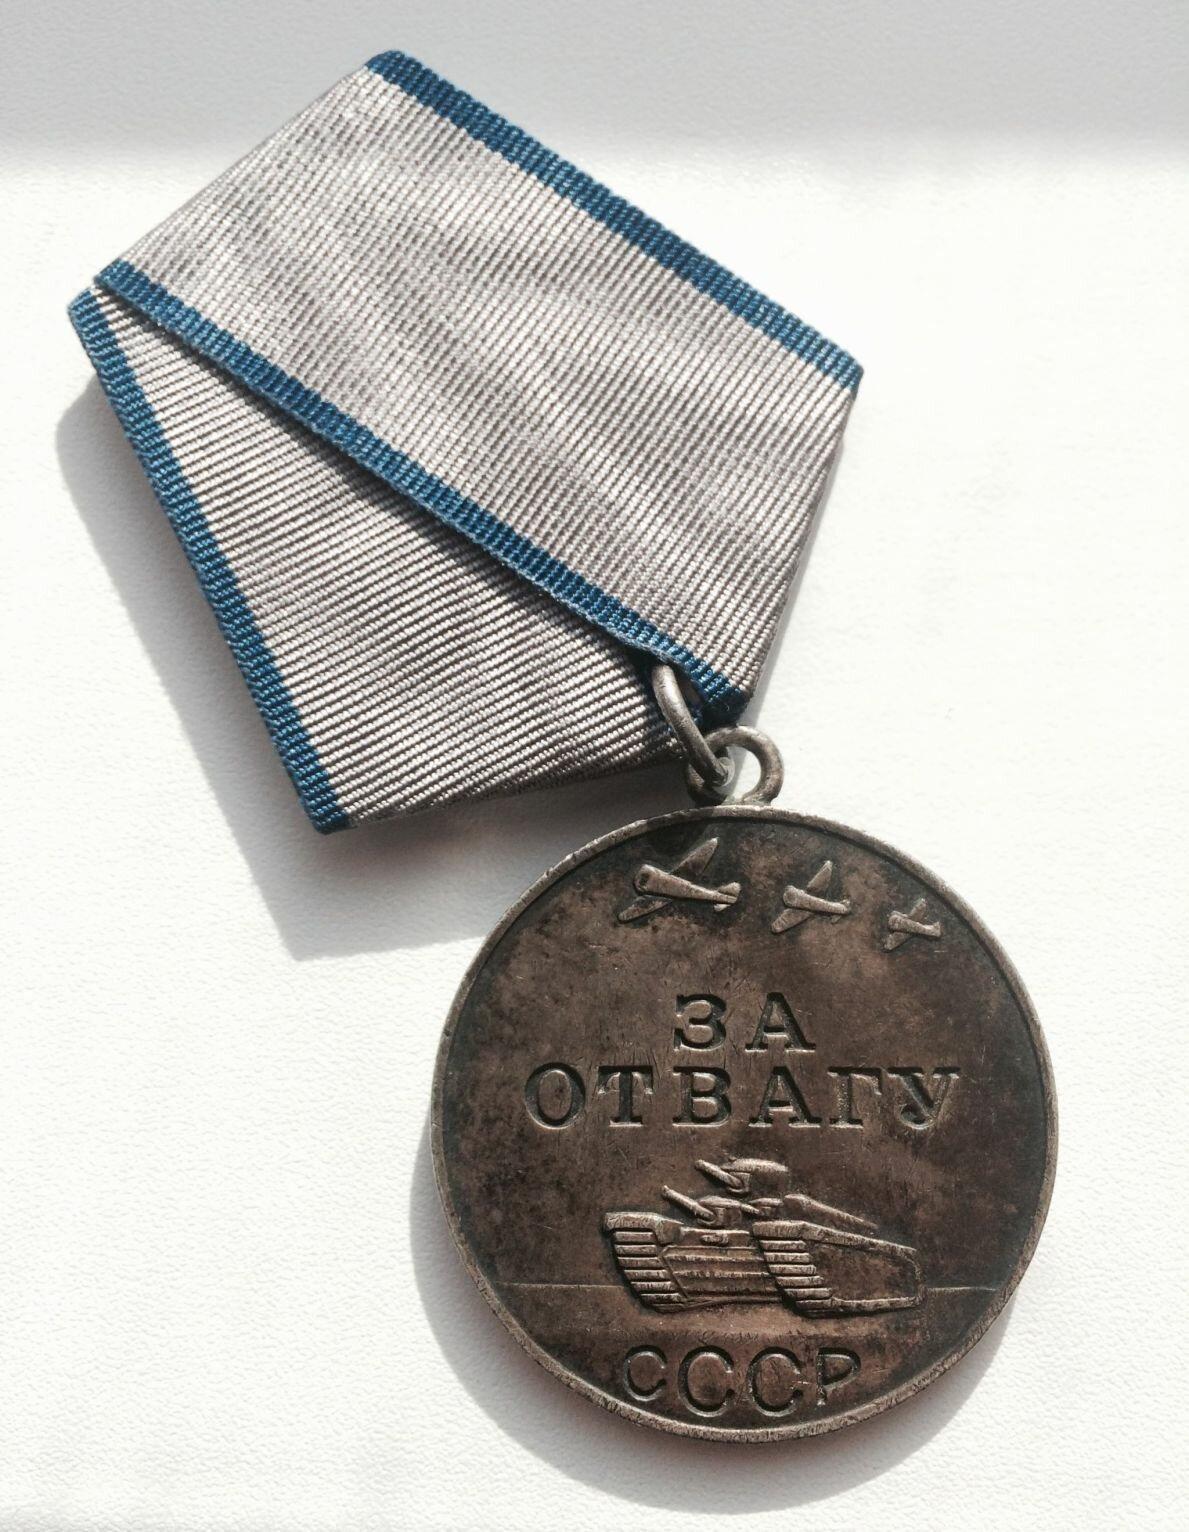 известно, рынок военная медаль за отвагу фото недавнего времени